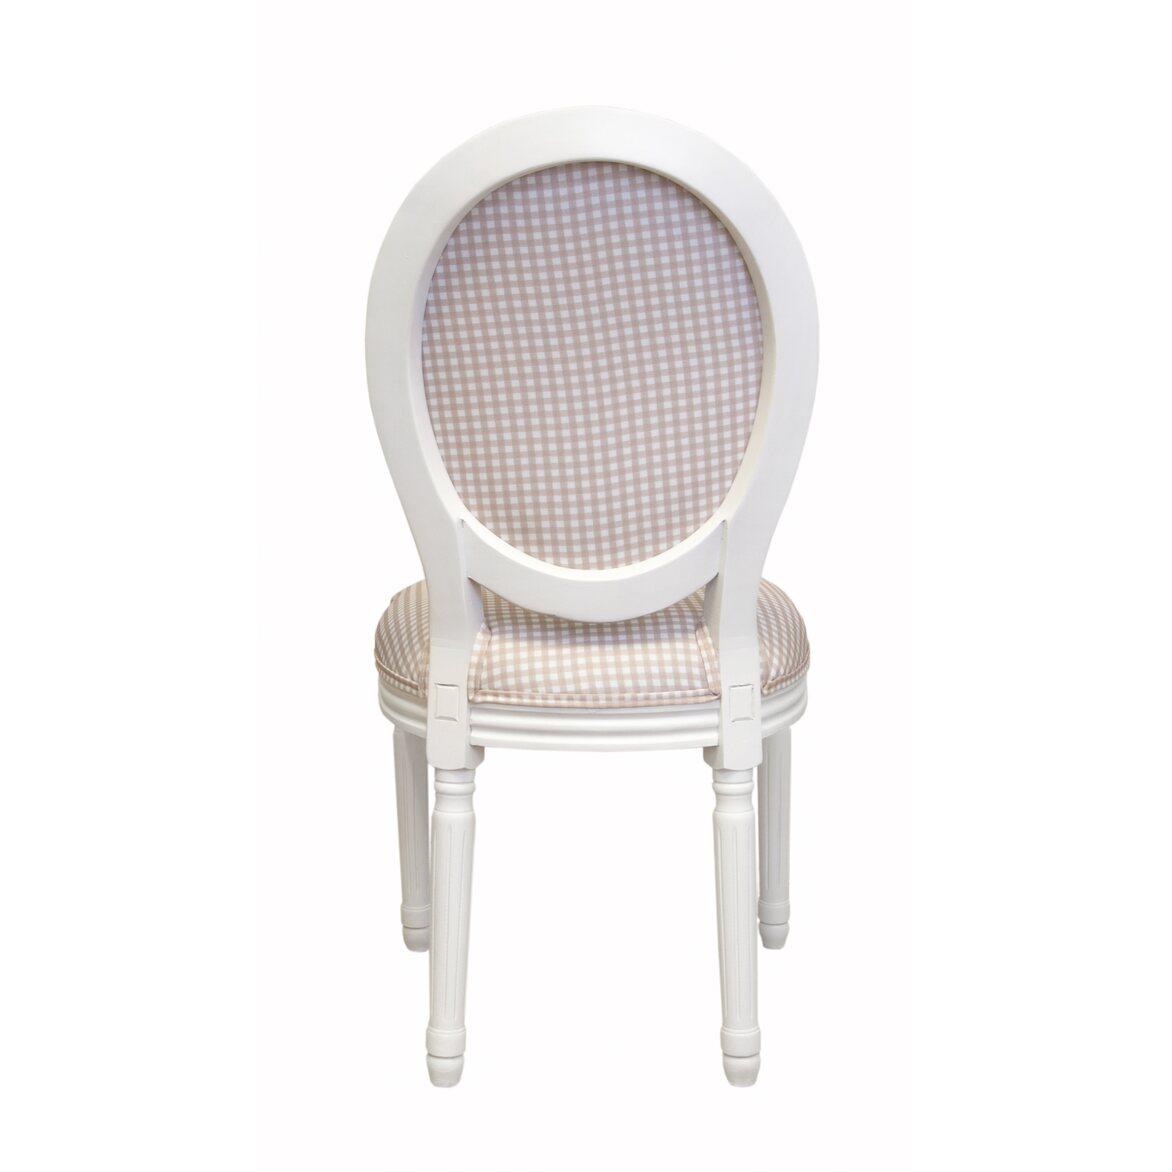 Стул Volker classik check 3 | Обеденные стулья Kingsby